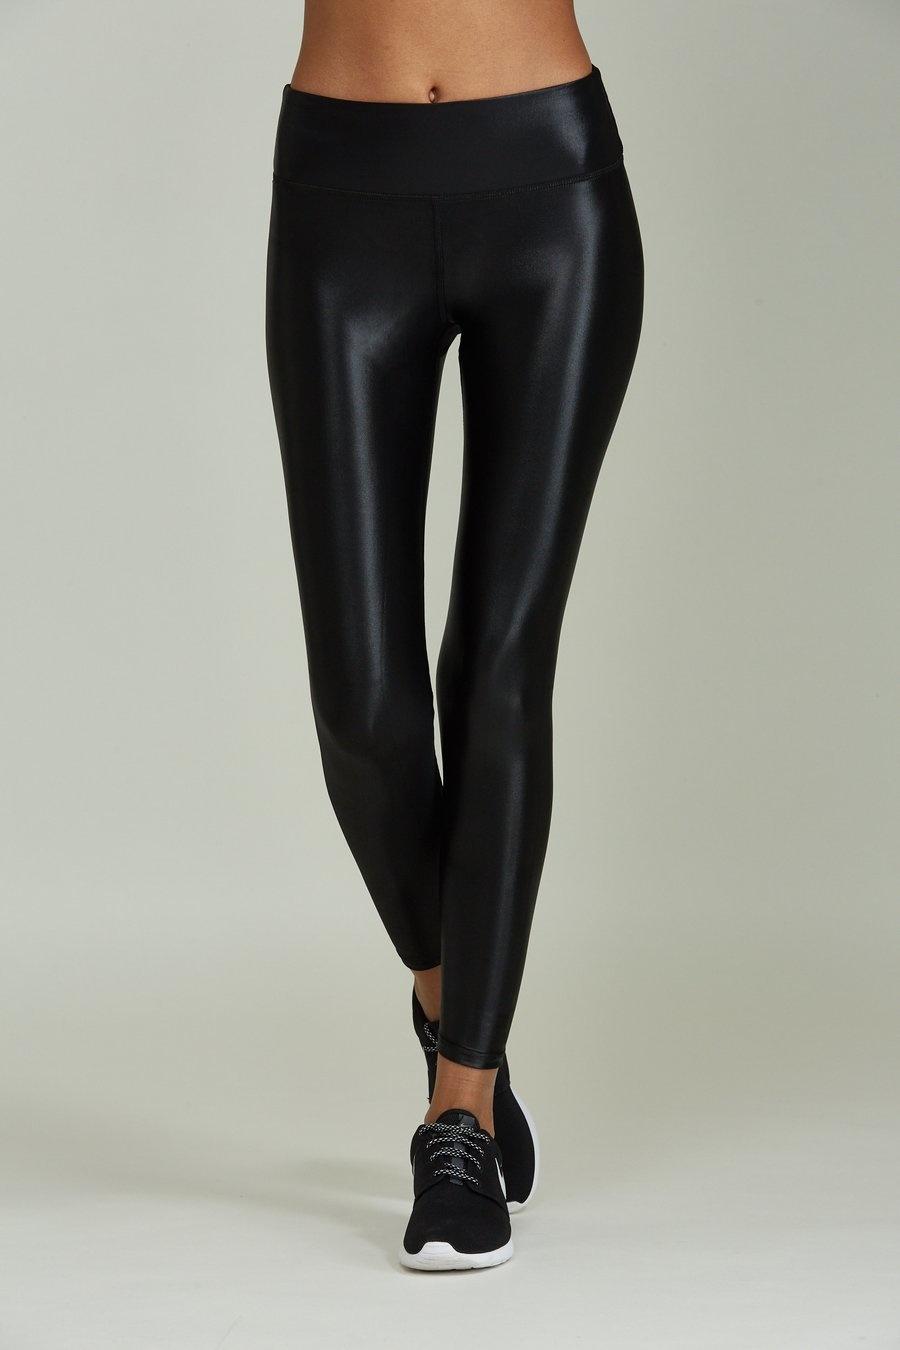 Noli Liquid Legging Black